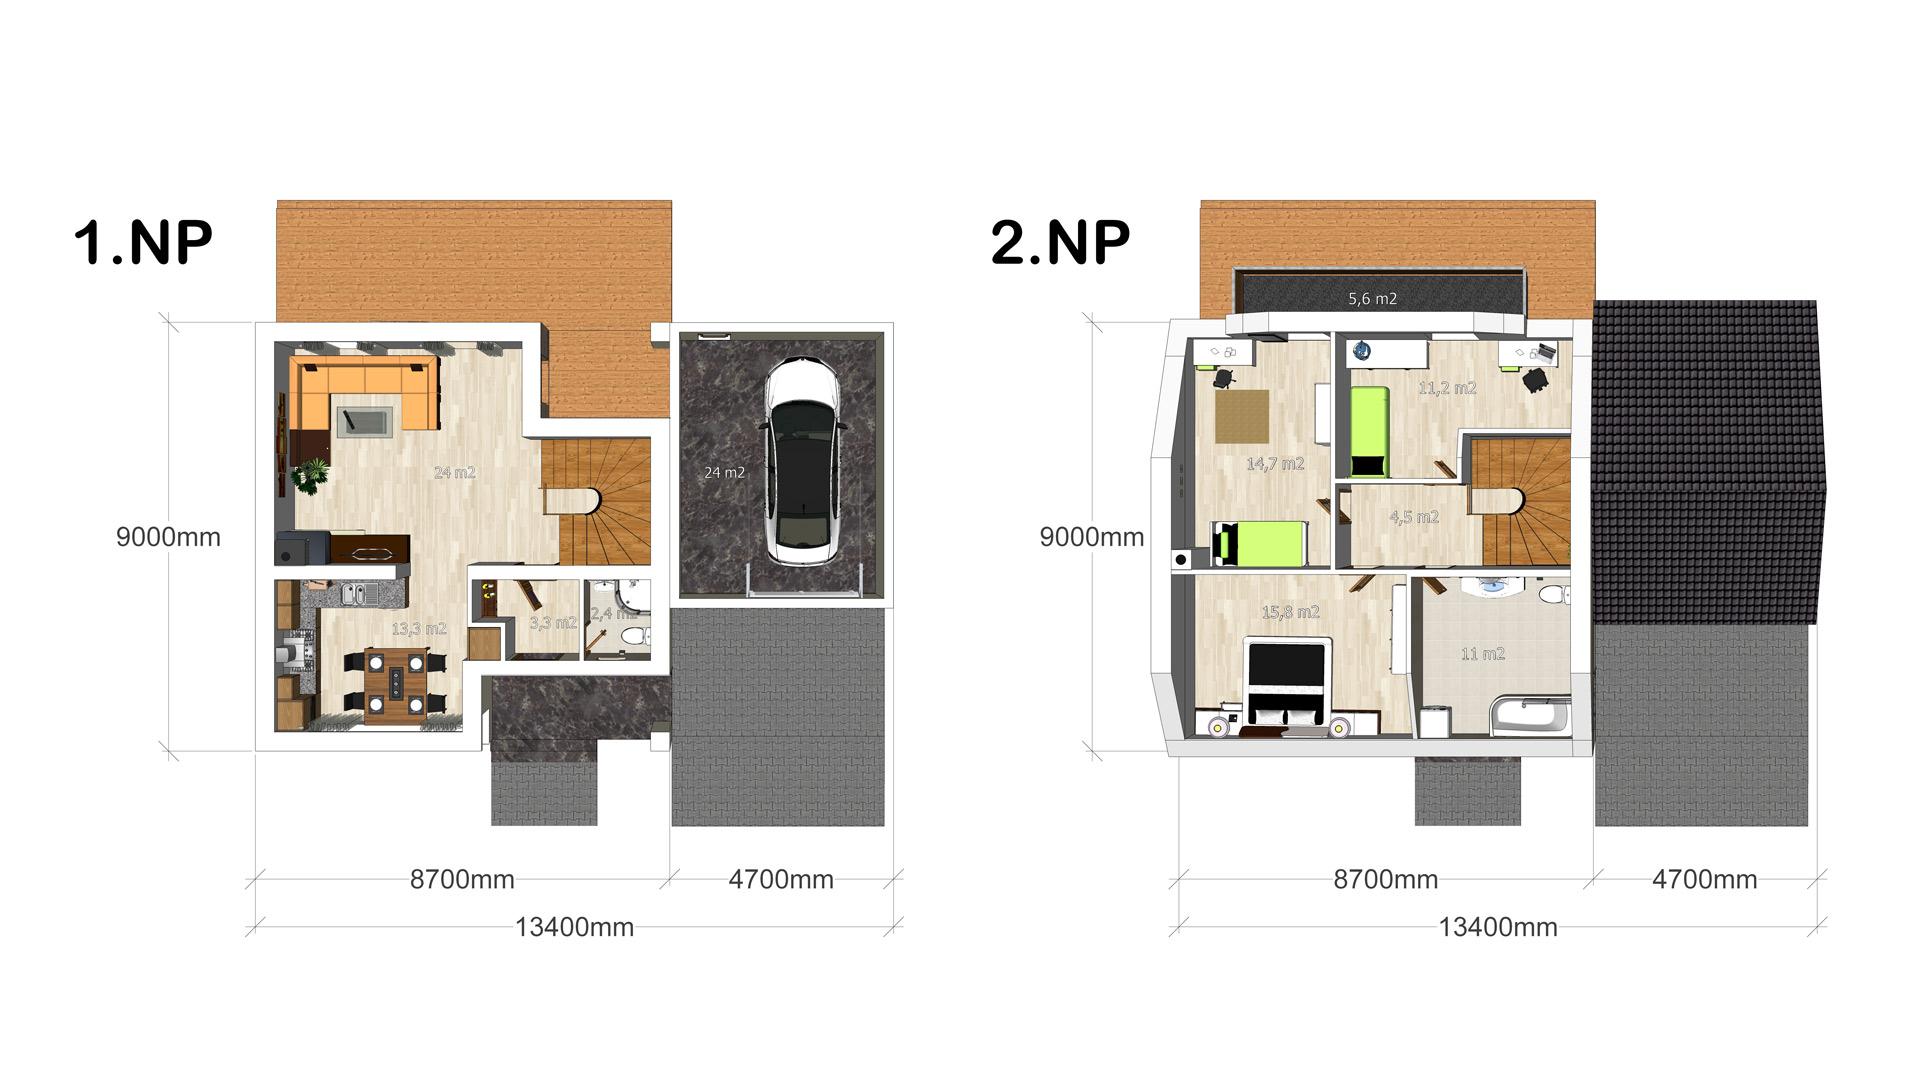 Vizualizace rodinných domů pro developerský projekt Půdorysné pohledy